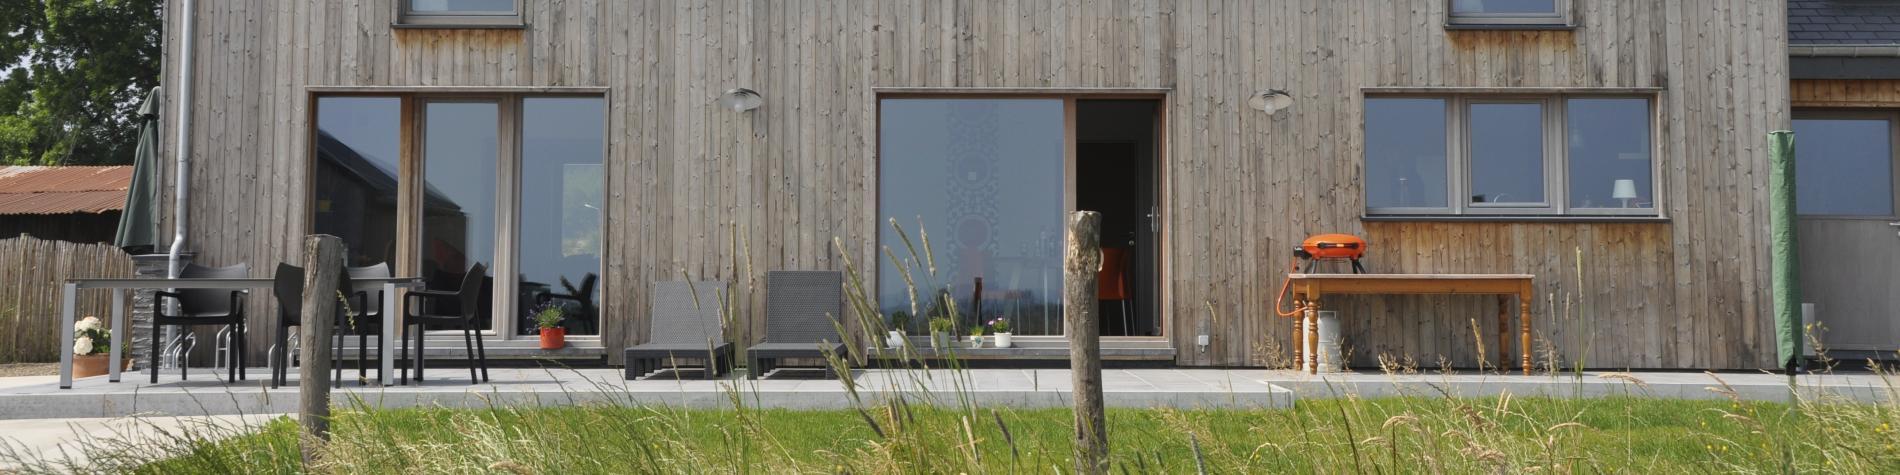 Maison d'hôtes - La Barak - La Roche-en-Ardenne